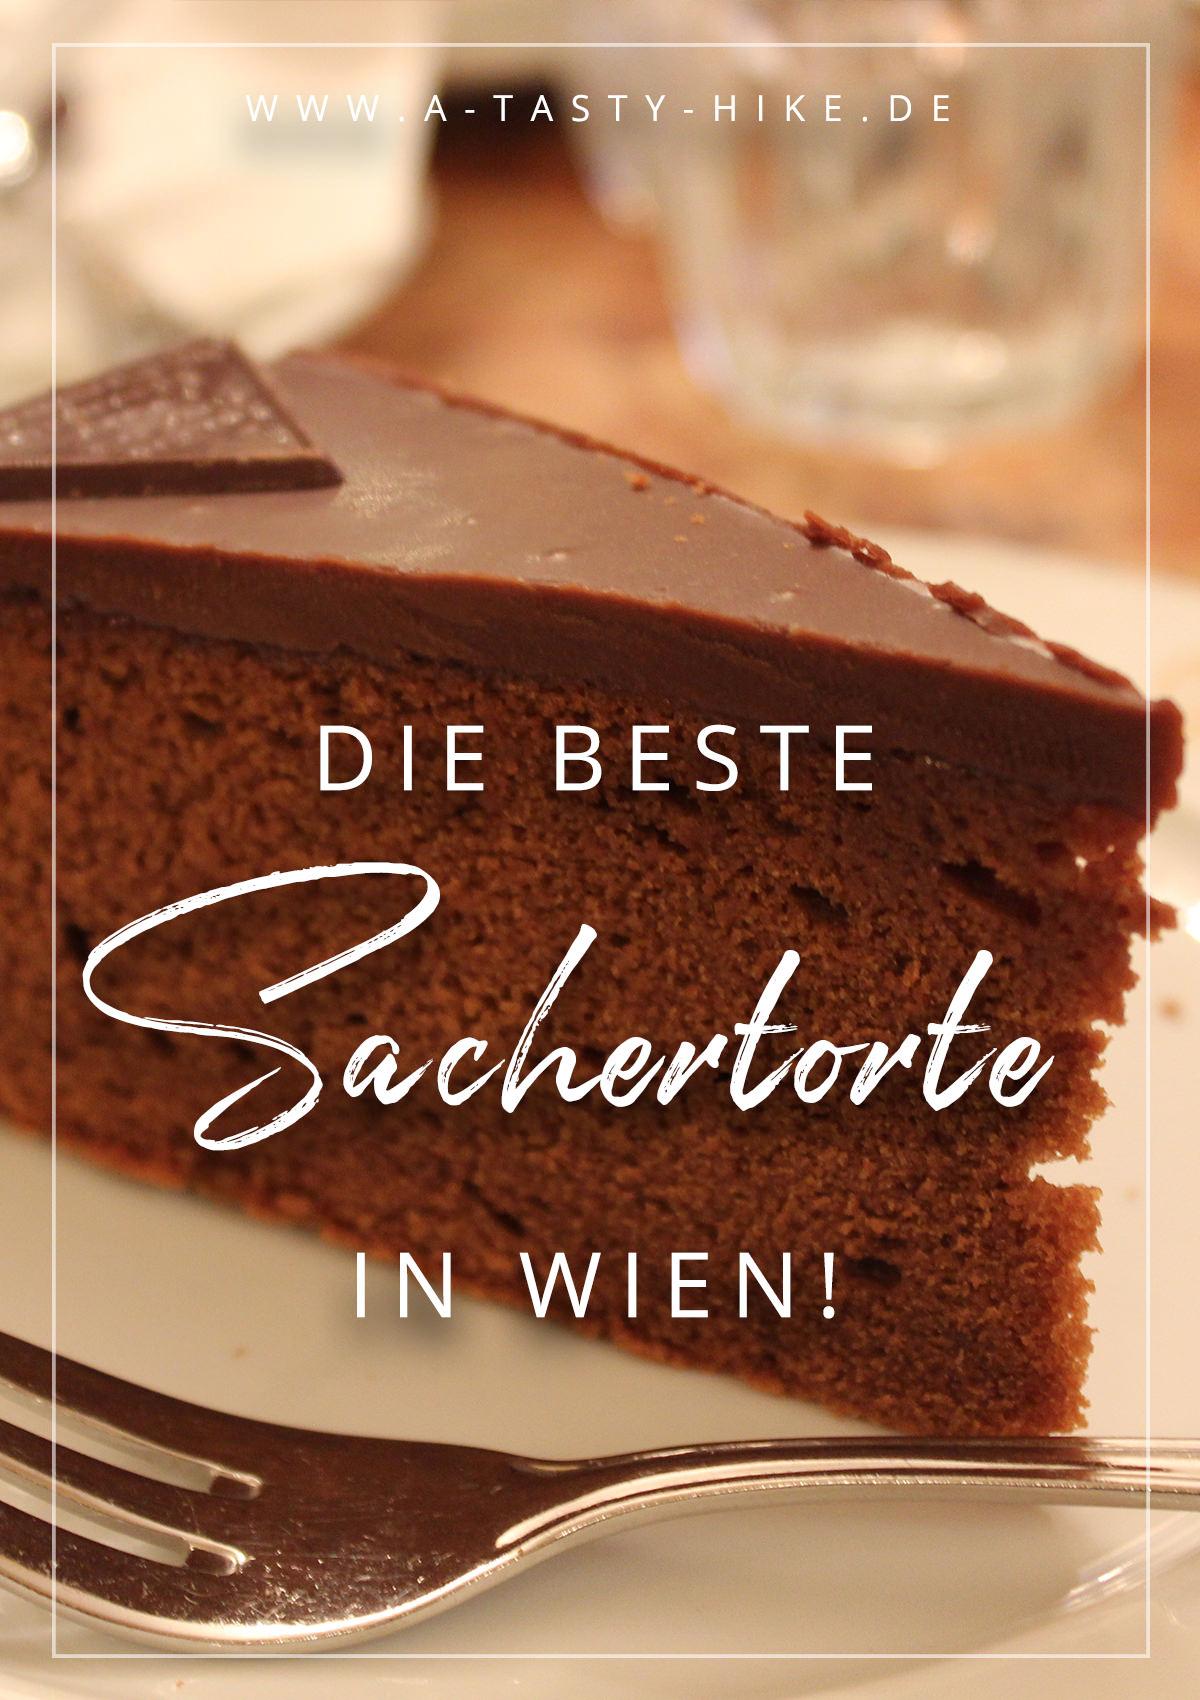 Mission Sachertorte - Wo du die beste Sachertorte in Wien essen kannst!